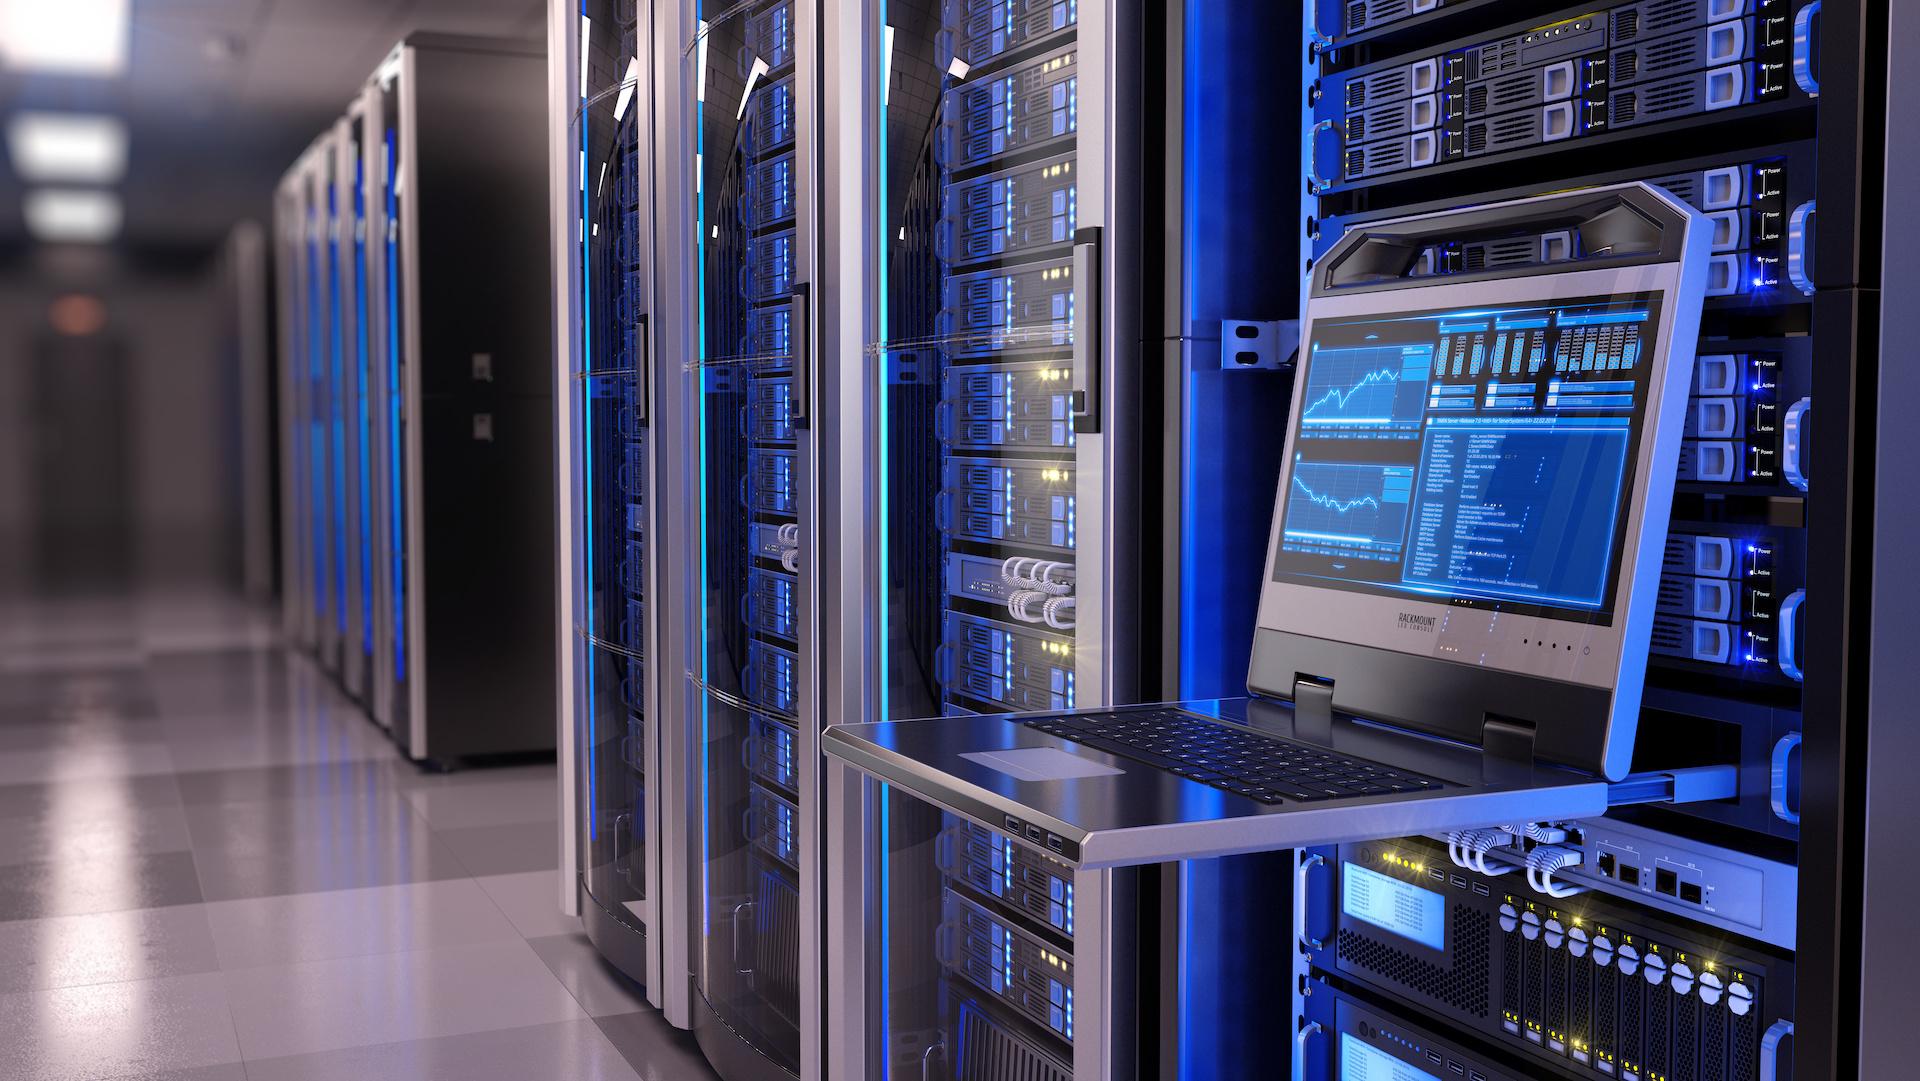 Rackmount LED console in server room data center - 3d illustration